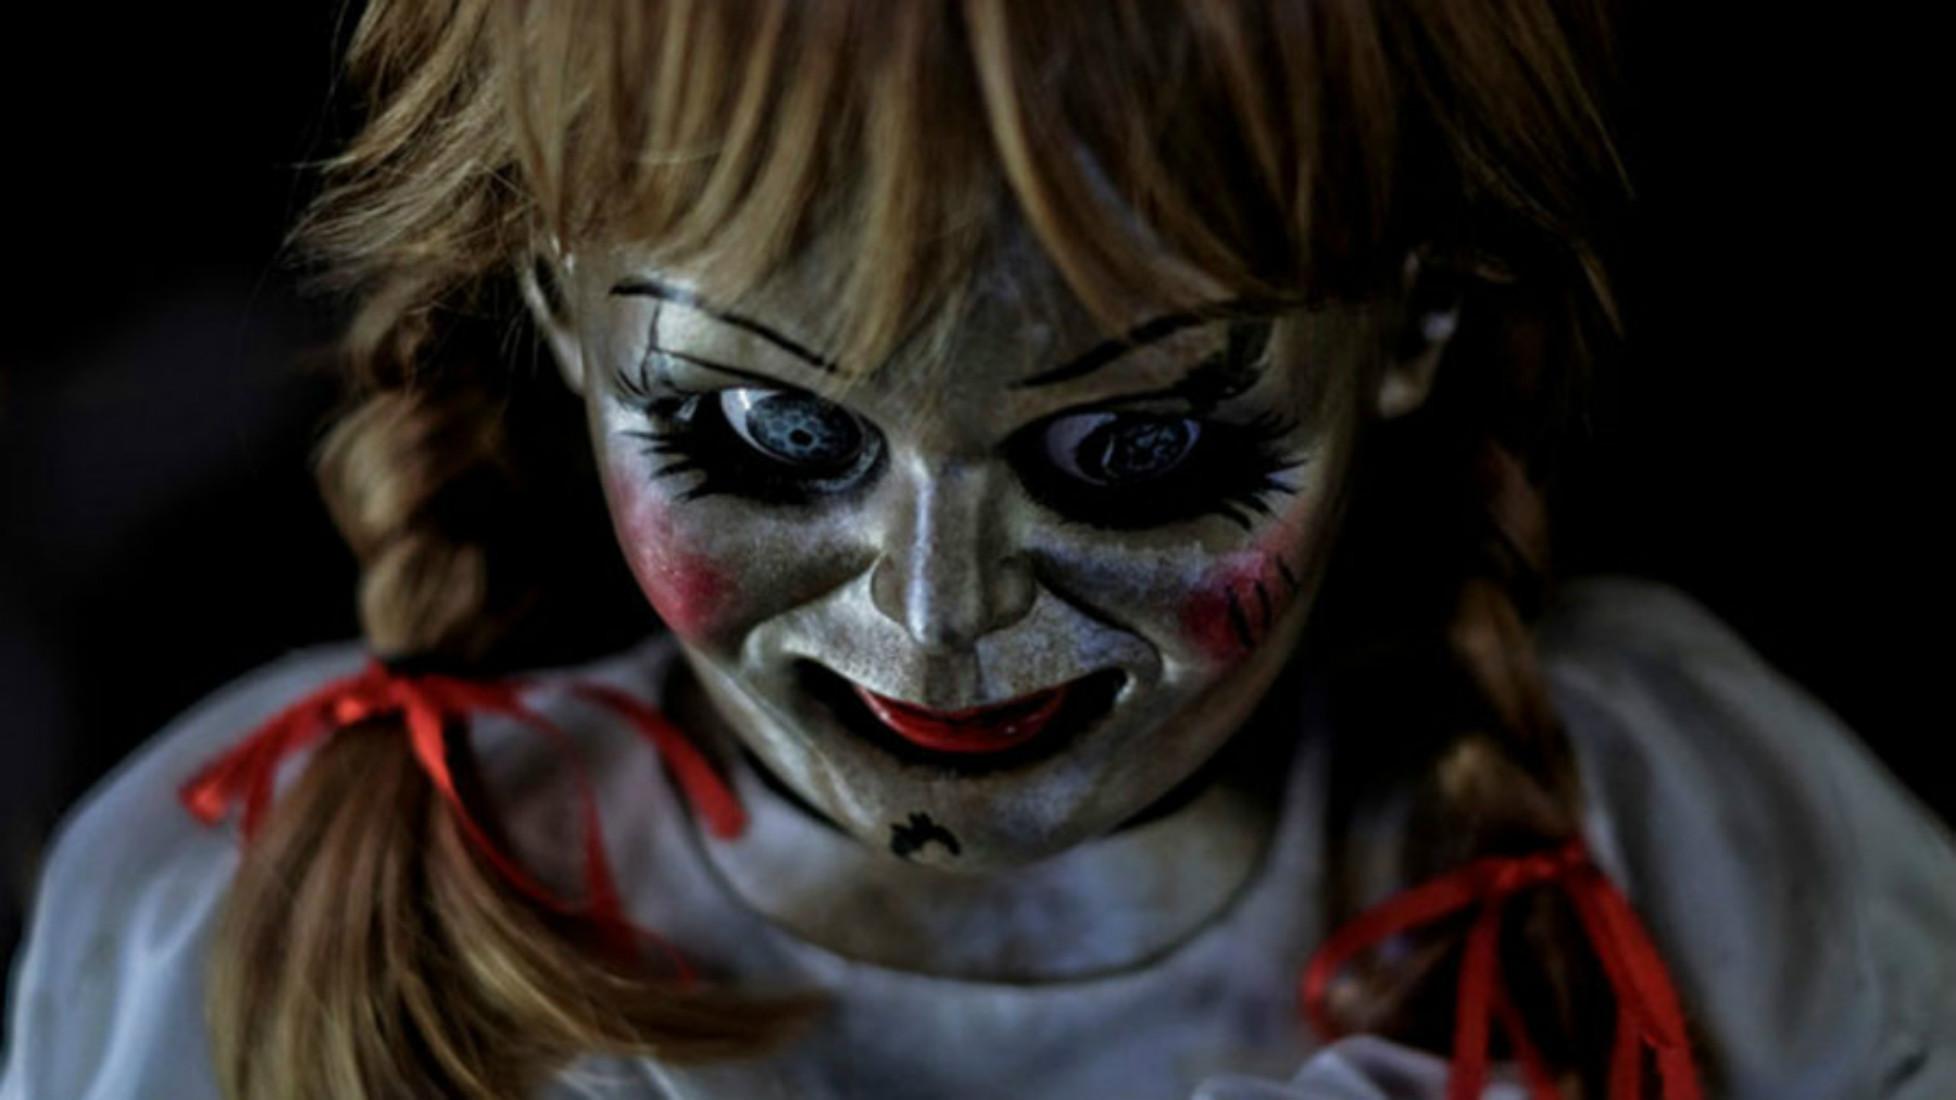 Annabelle Comes Home revela aterradoras nuevas amenazas en segundo tráiler oficial